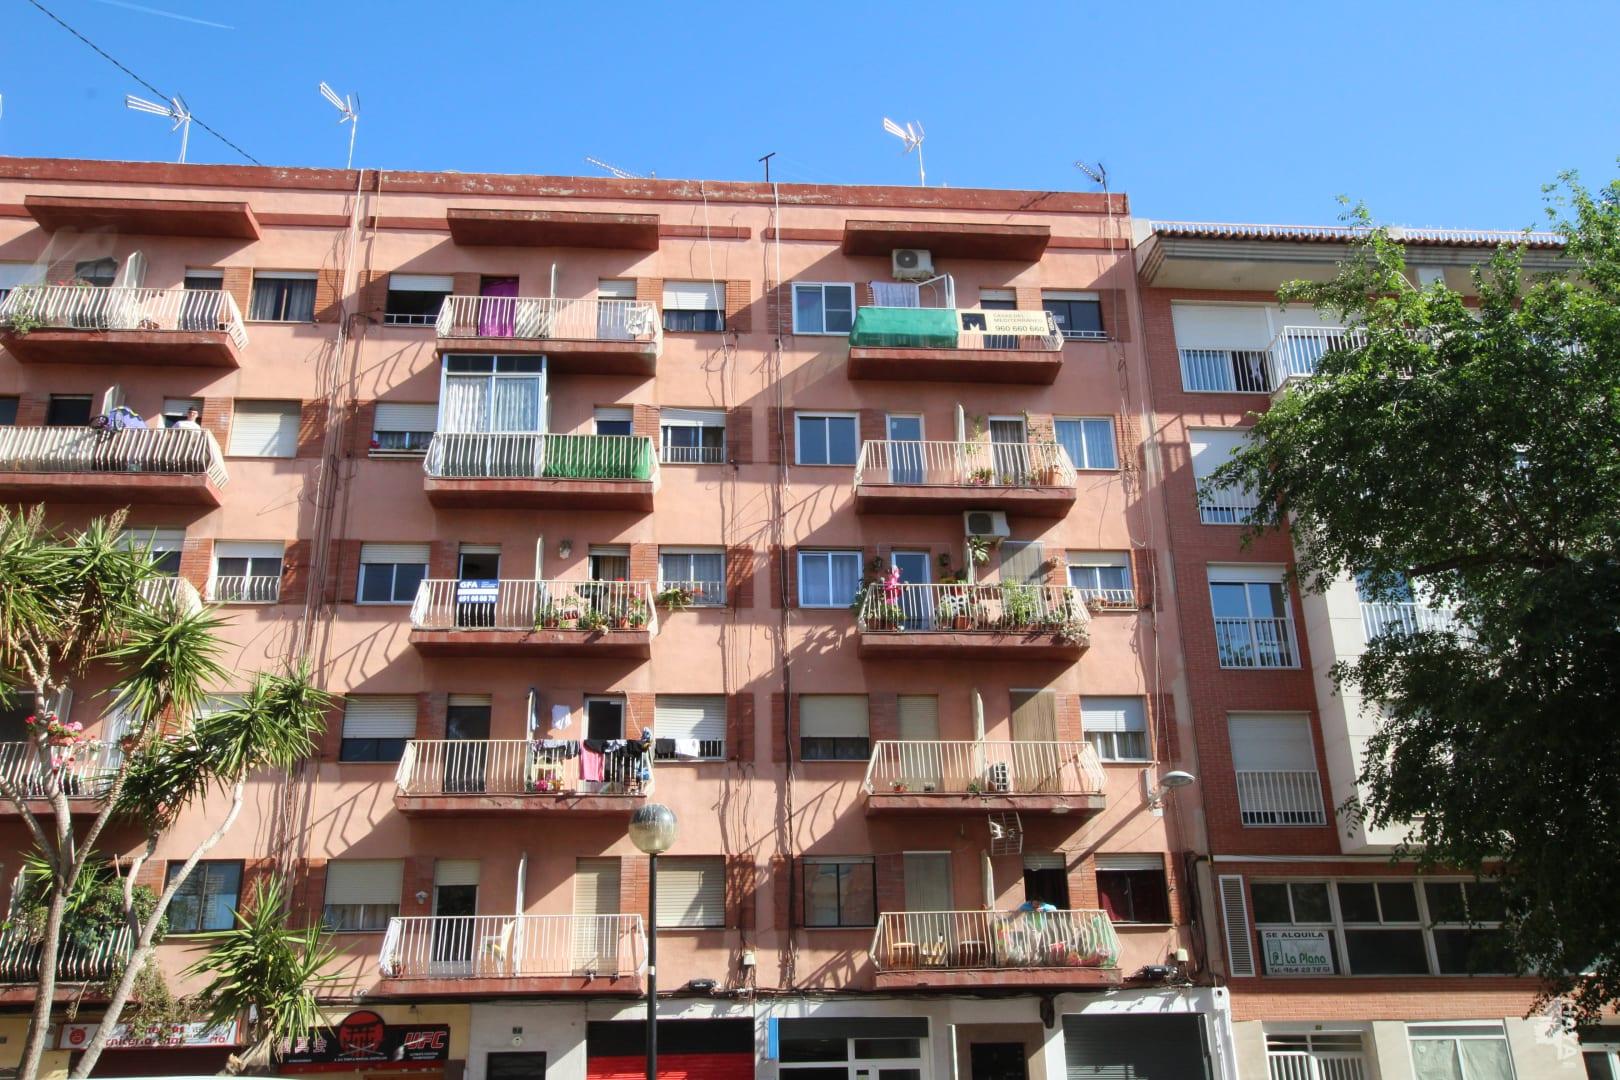 Piso en venta en Urbanización Penyeta Roja, Castellón de la Plana/castelló de la Plana, Castellón, Calle Hermanos Villafañe, 36.000 €, 4 habitaciones, 1 baño, 95 m2